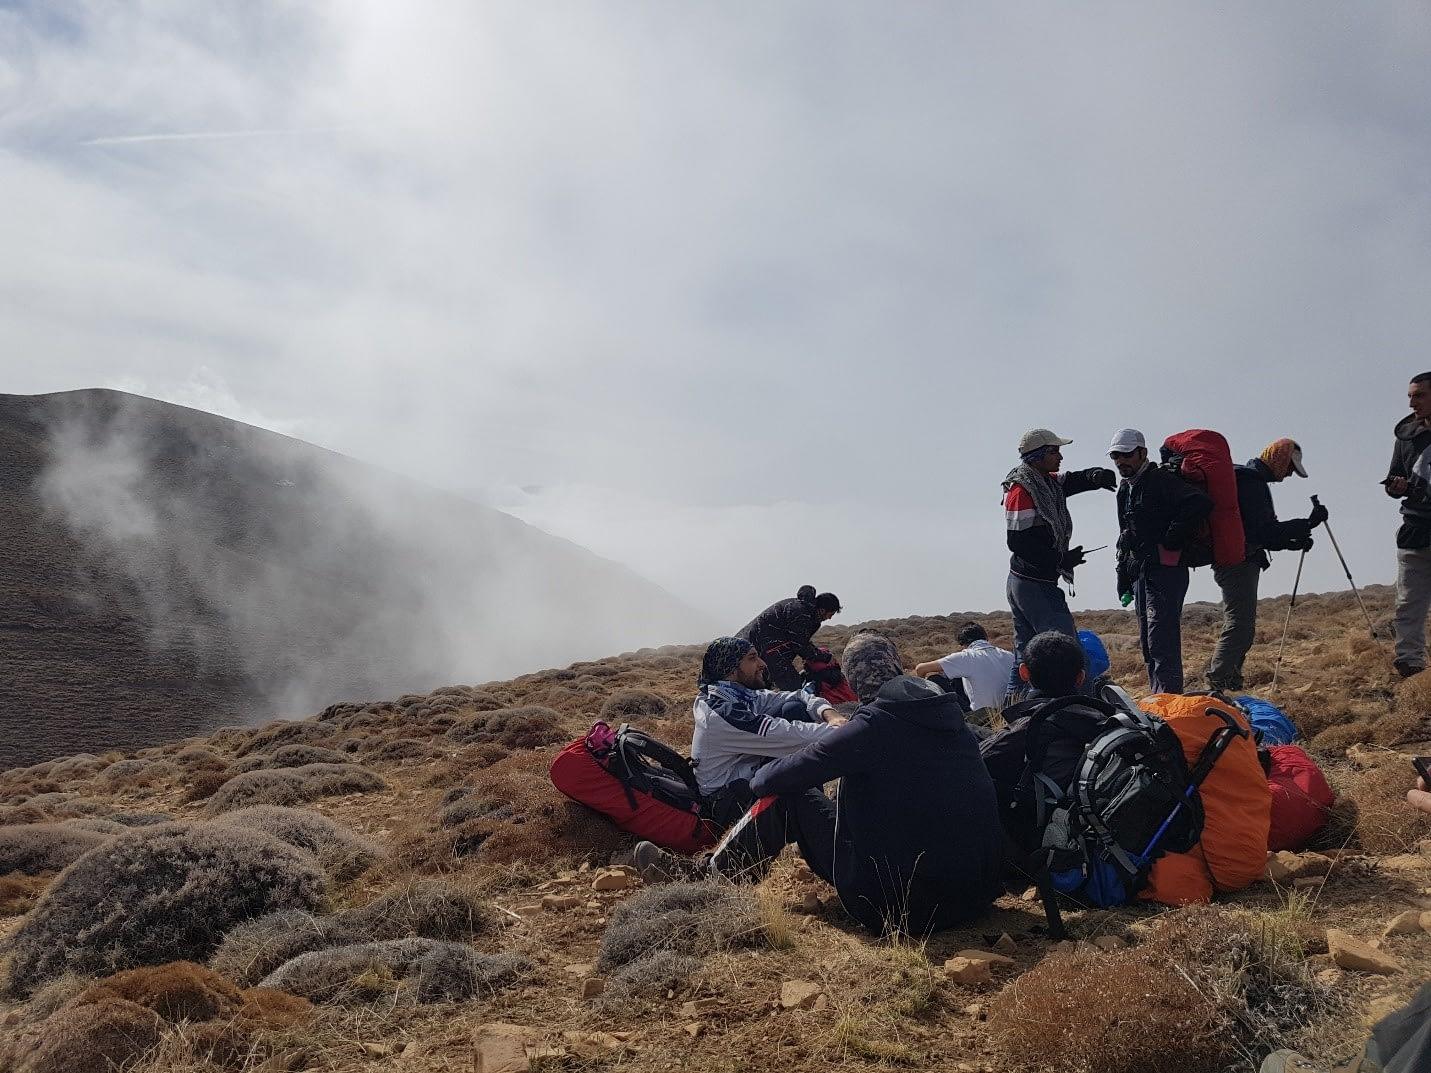 استراحت و هماهنگی قبل از ورود به مه